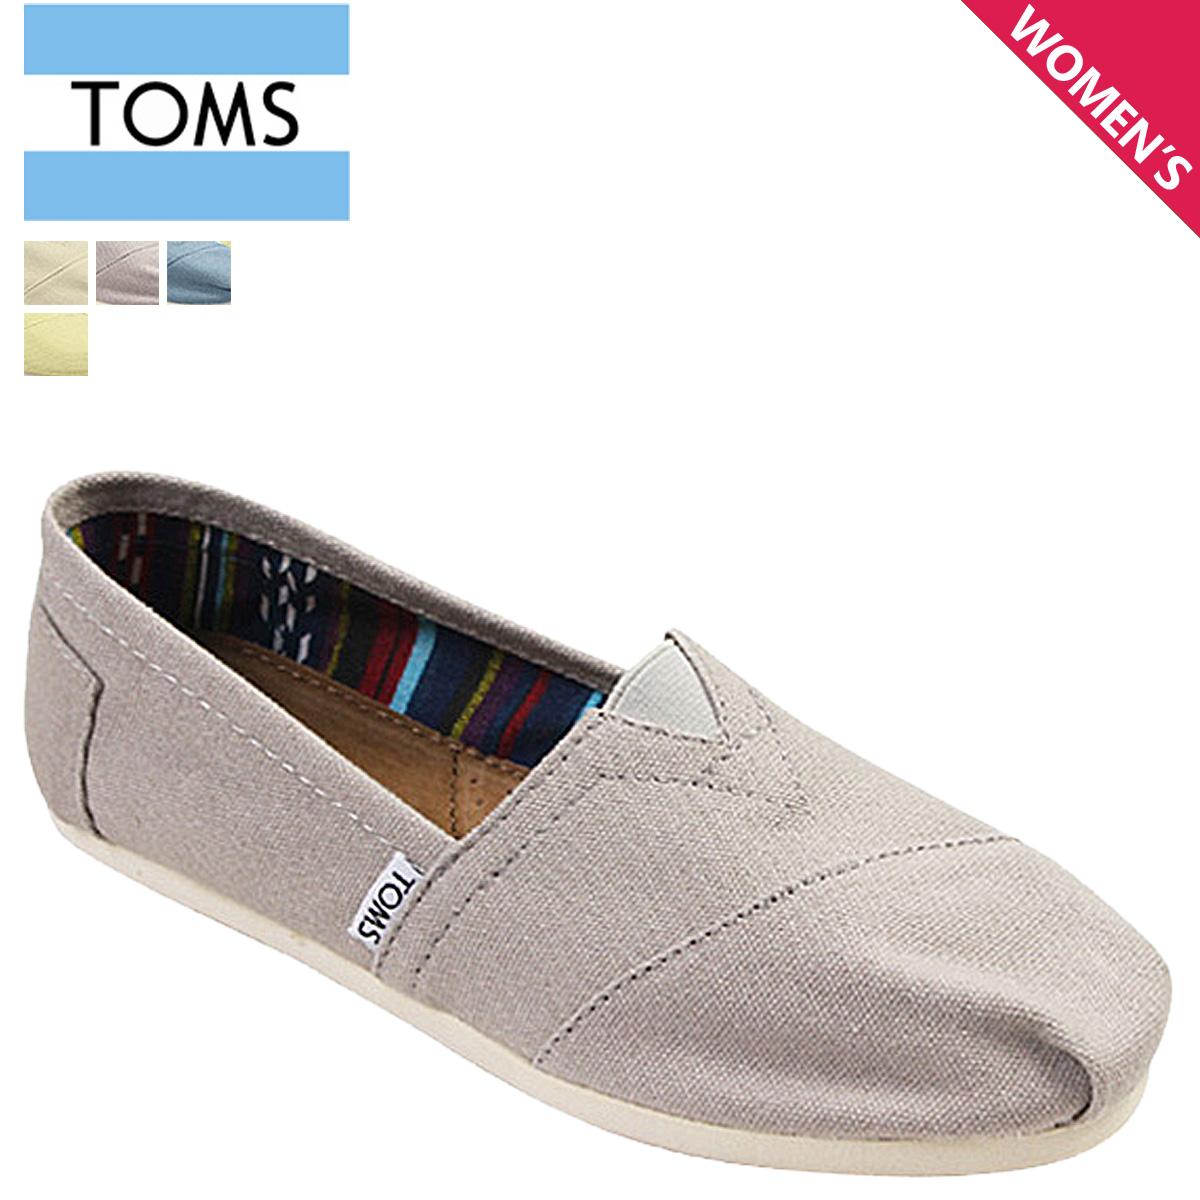 79c4ea0d82f Sugar Online Shop  TOMS SHOES Thoms shoes Lady s slip-ons WOMEN S ...